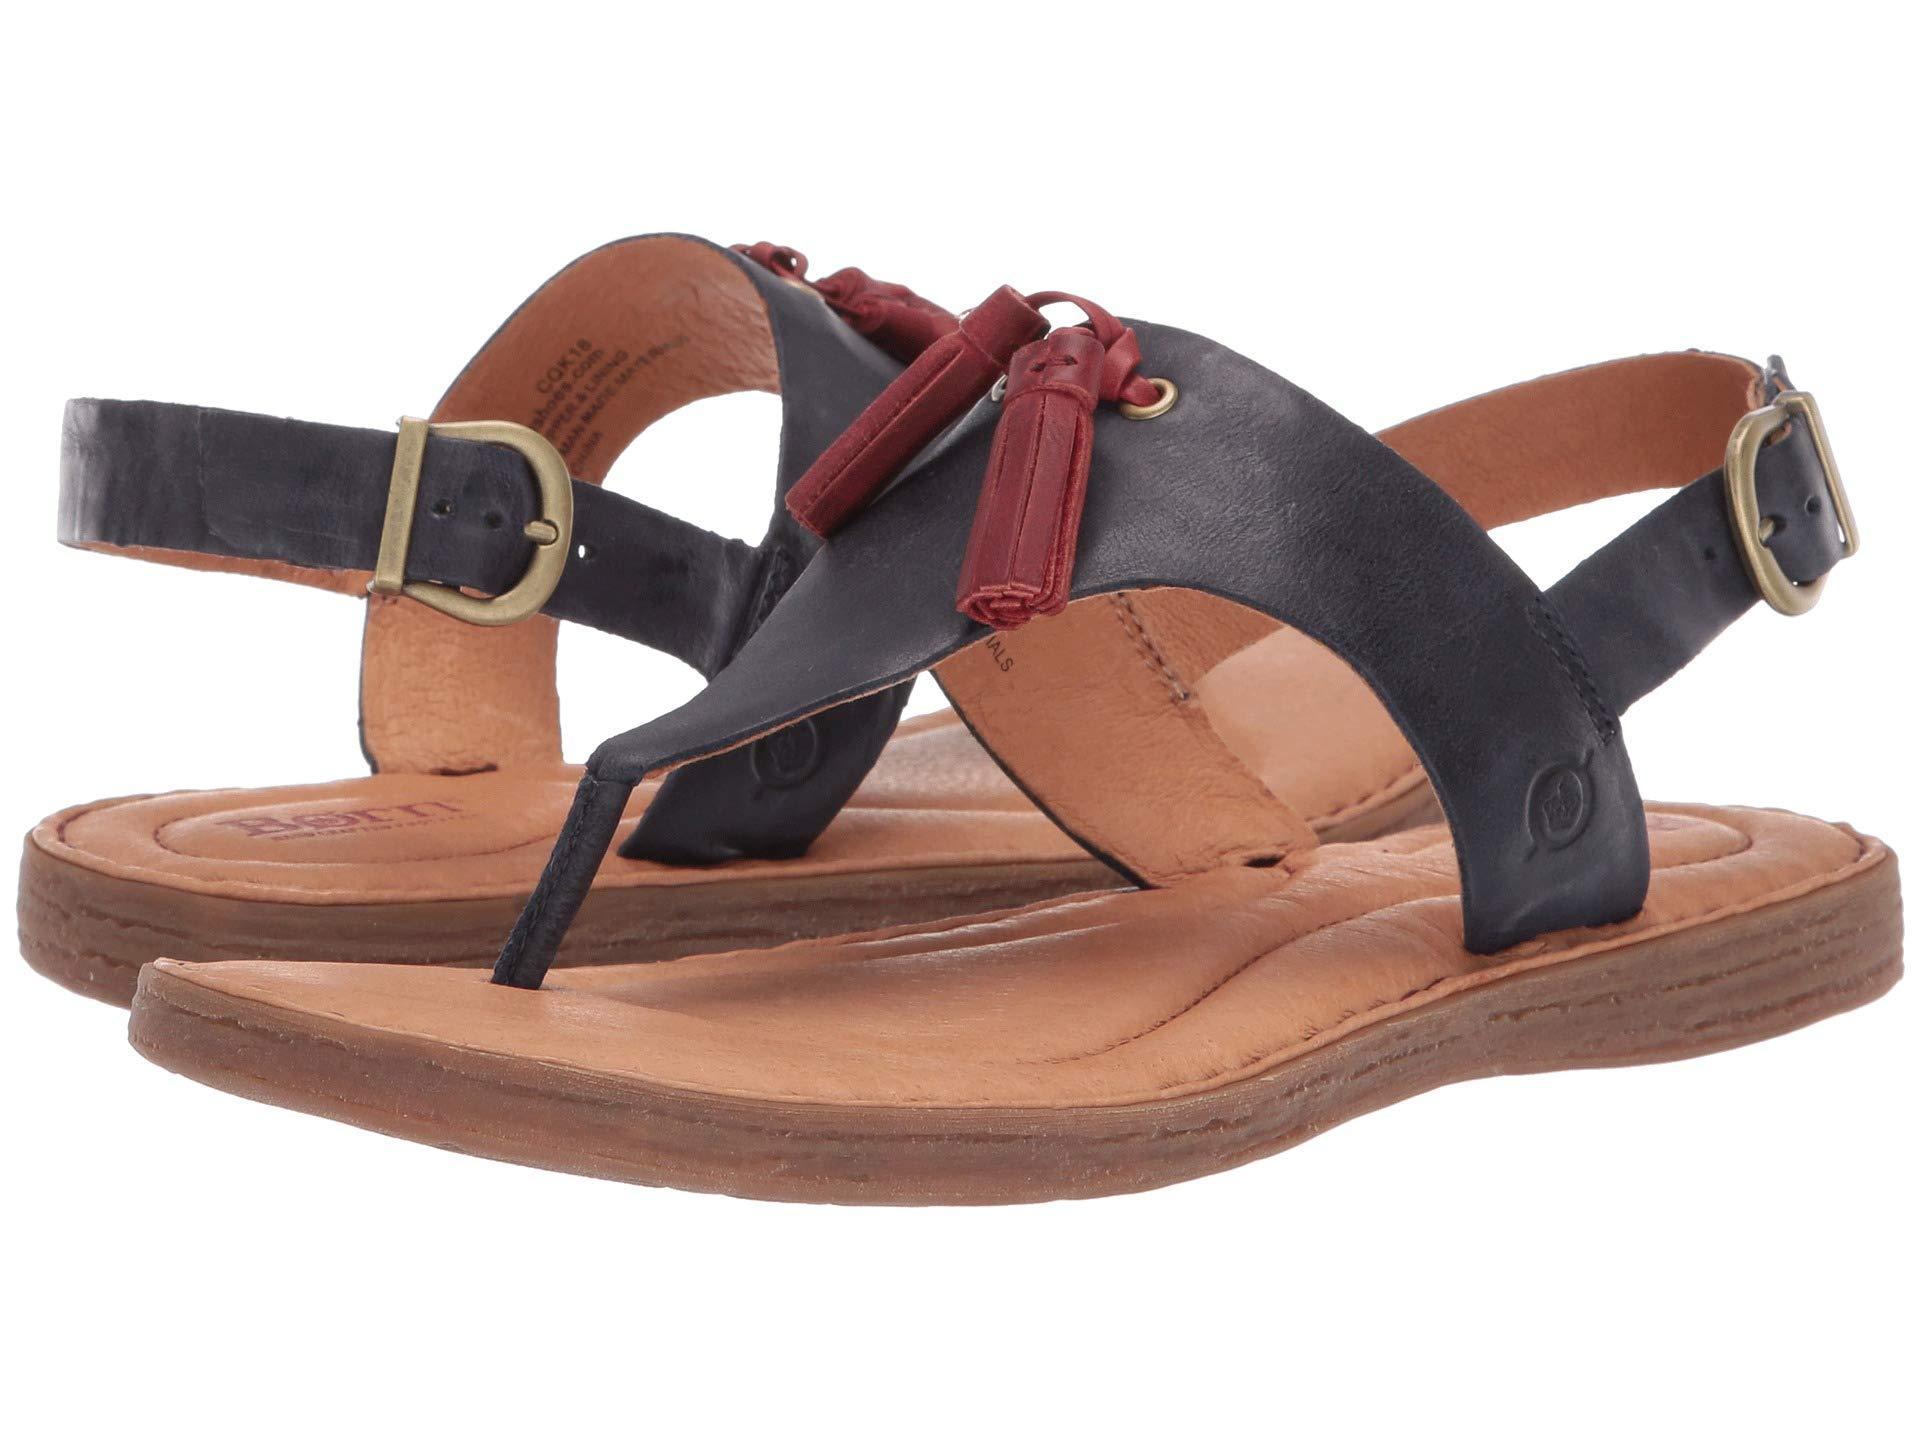 5f10c8efd098 Lyst - Born St. Joe (tan Full Grain Leather) Women s Sandals